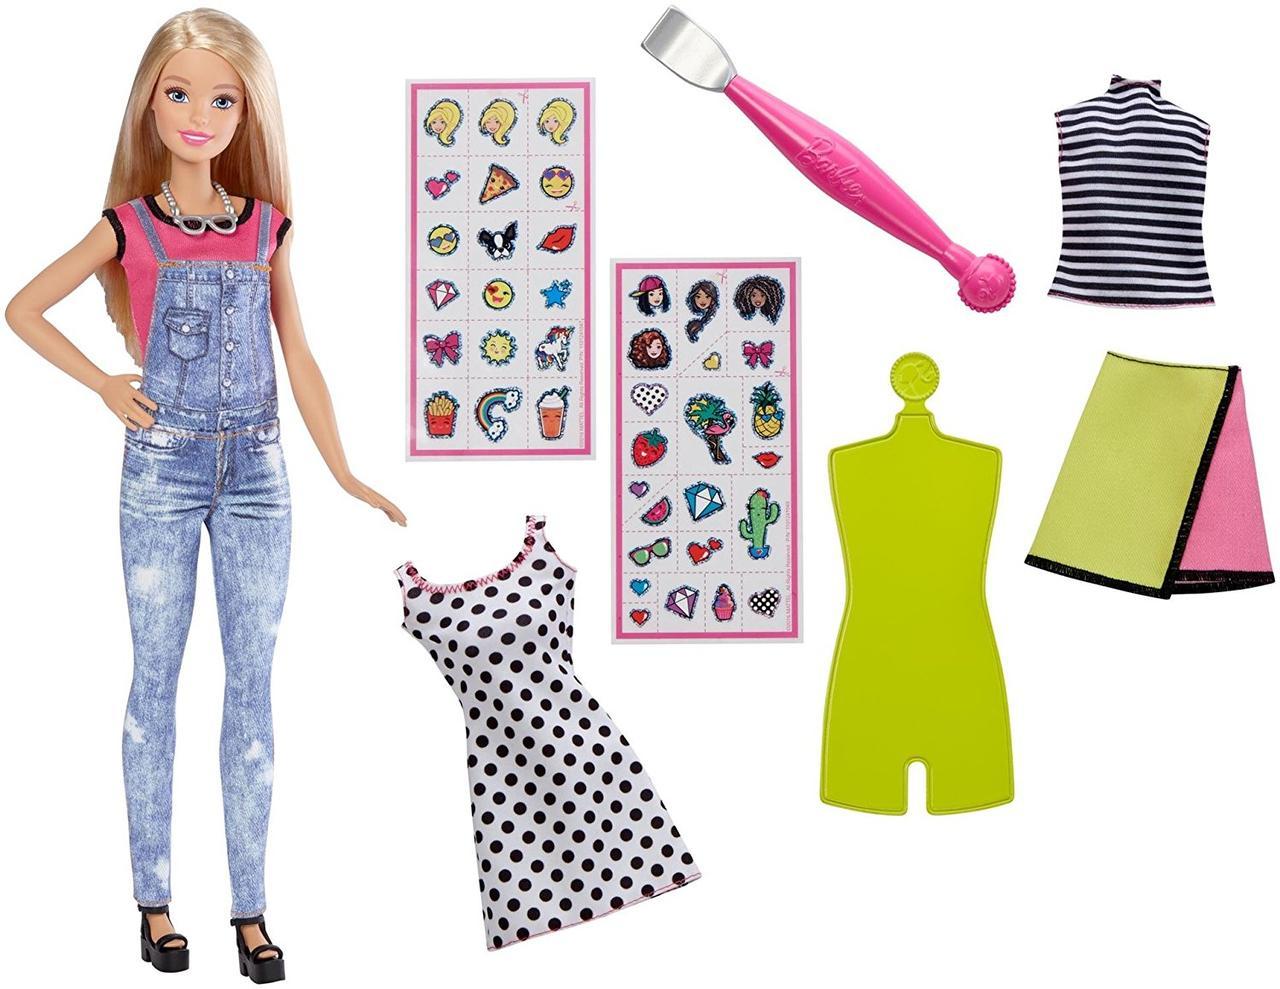 39f466e61 Кукла Барби Дизайнер с одеждой и аксессуарами Эмодзи стайл Barbie D. I. Y.  Emoji Style - Детские игрушки